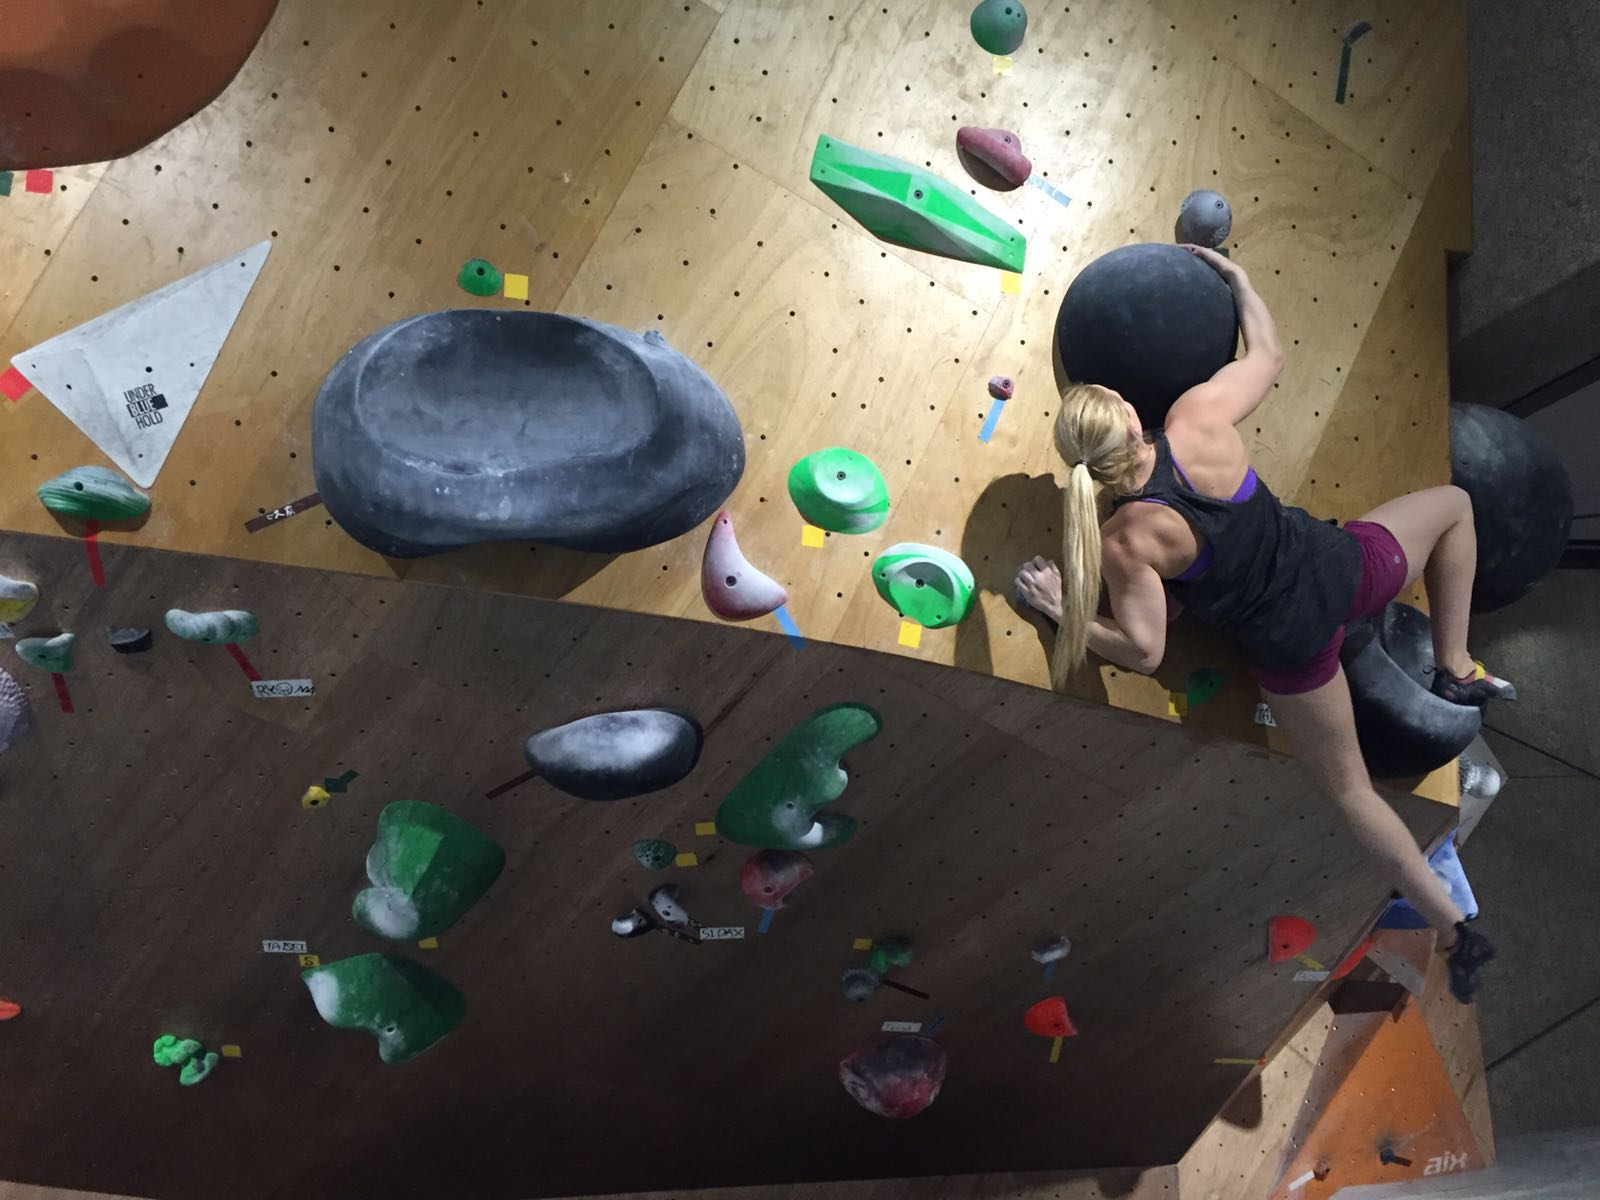 Yuji Hirayama's gym, Basecamp